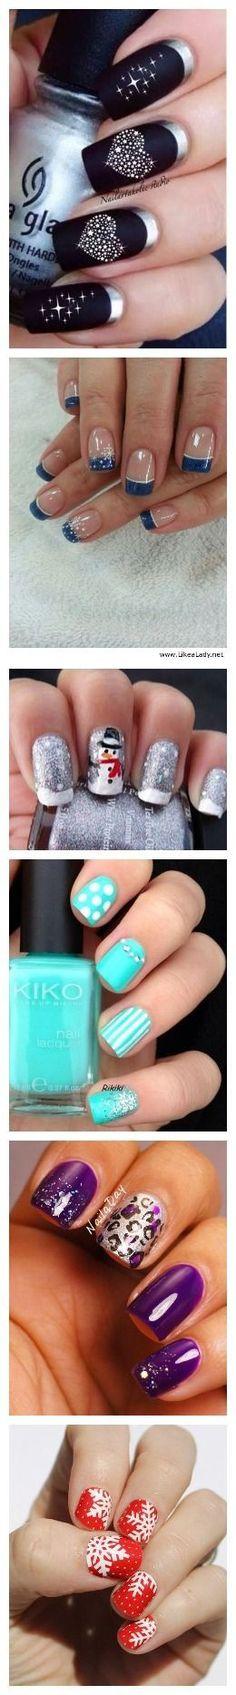 Image via  christmas by jauntyjuli #nail #nails #nailart   Image via  COOL CHRISTMAS NAIL ART DESIGNS 2016   Image via  Digg Women's Fashion: Nail Polishes of the Year     Ima